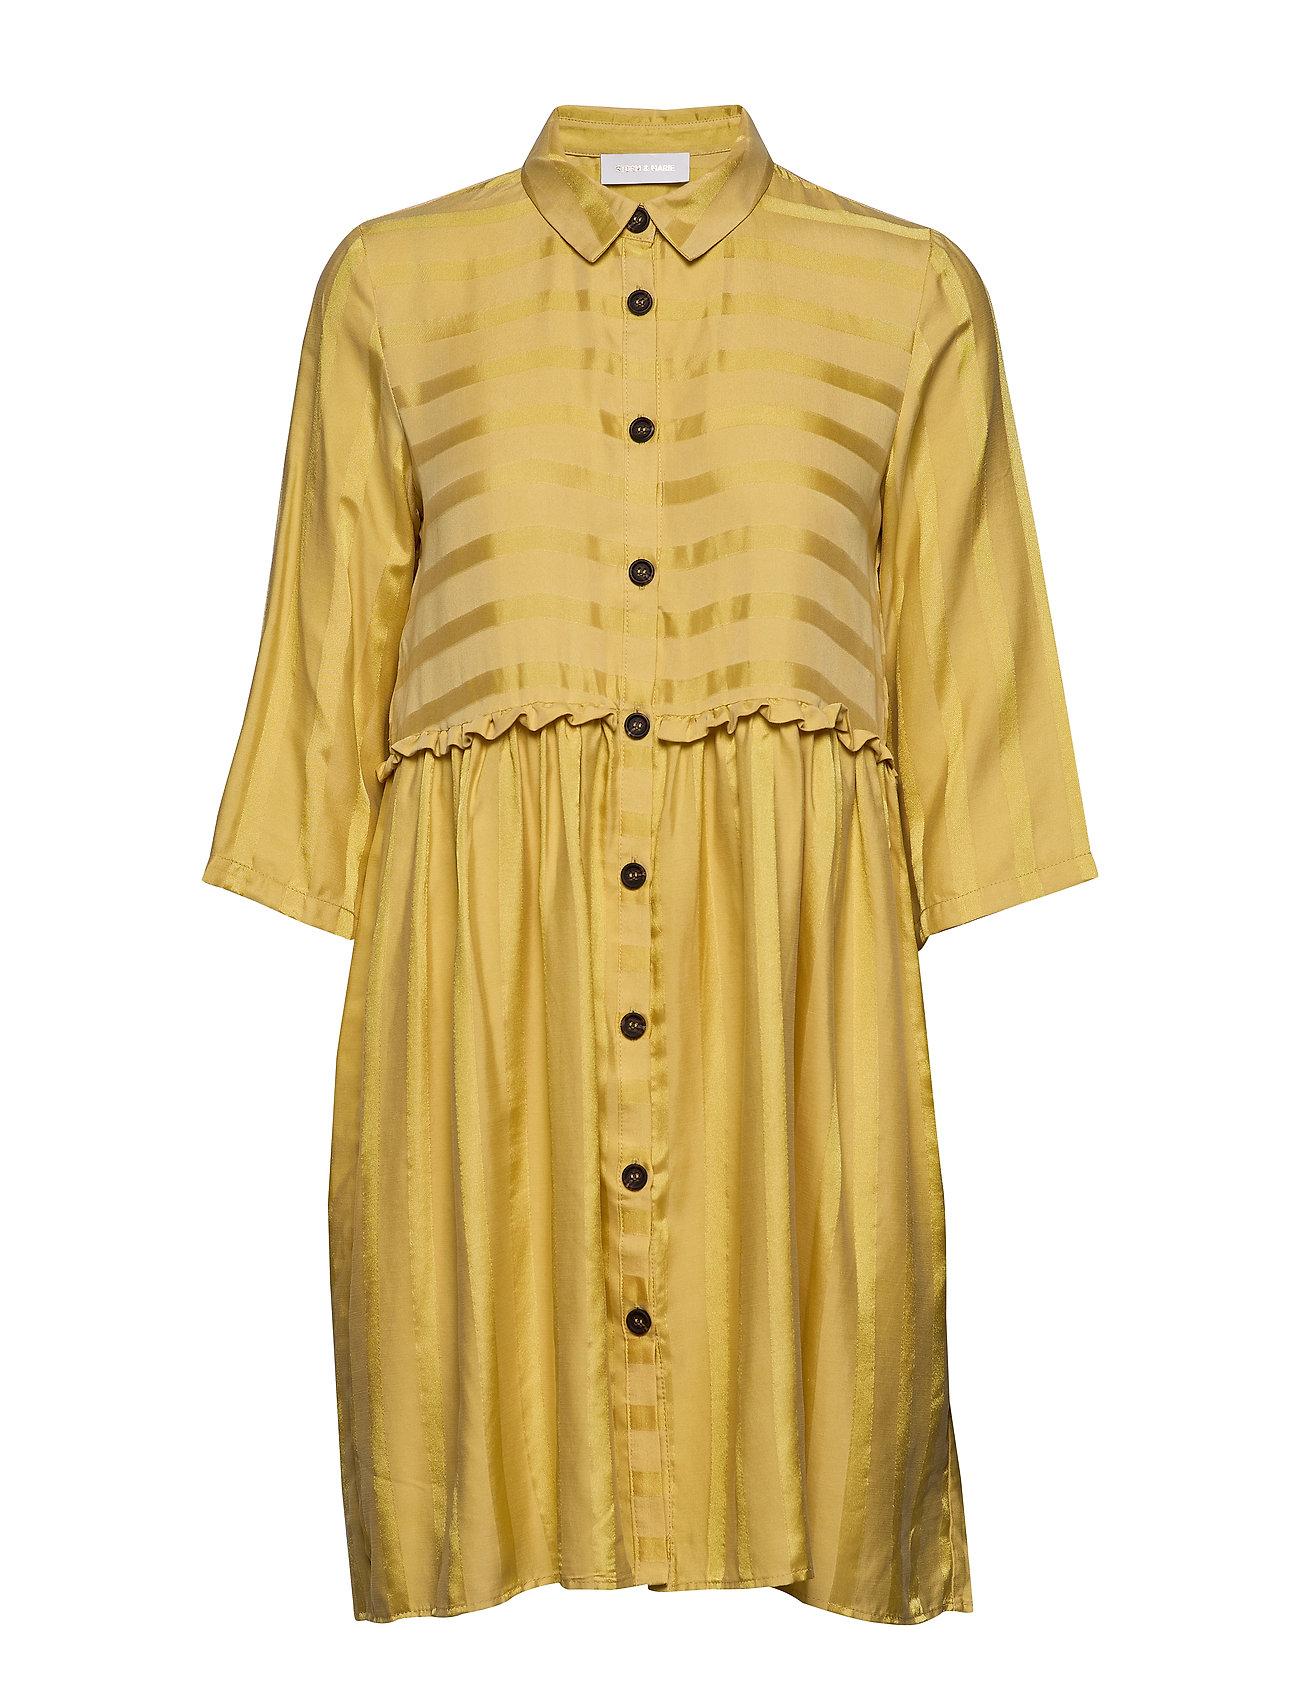 Storm & Marie Jerry Short Dress - 624 GOLDEN STRIPE